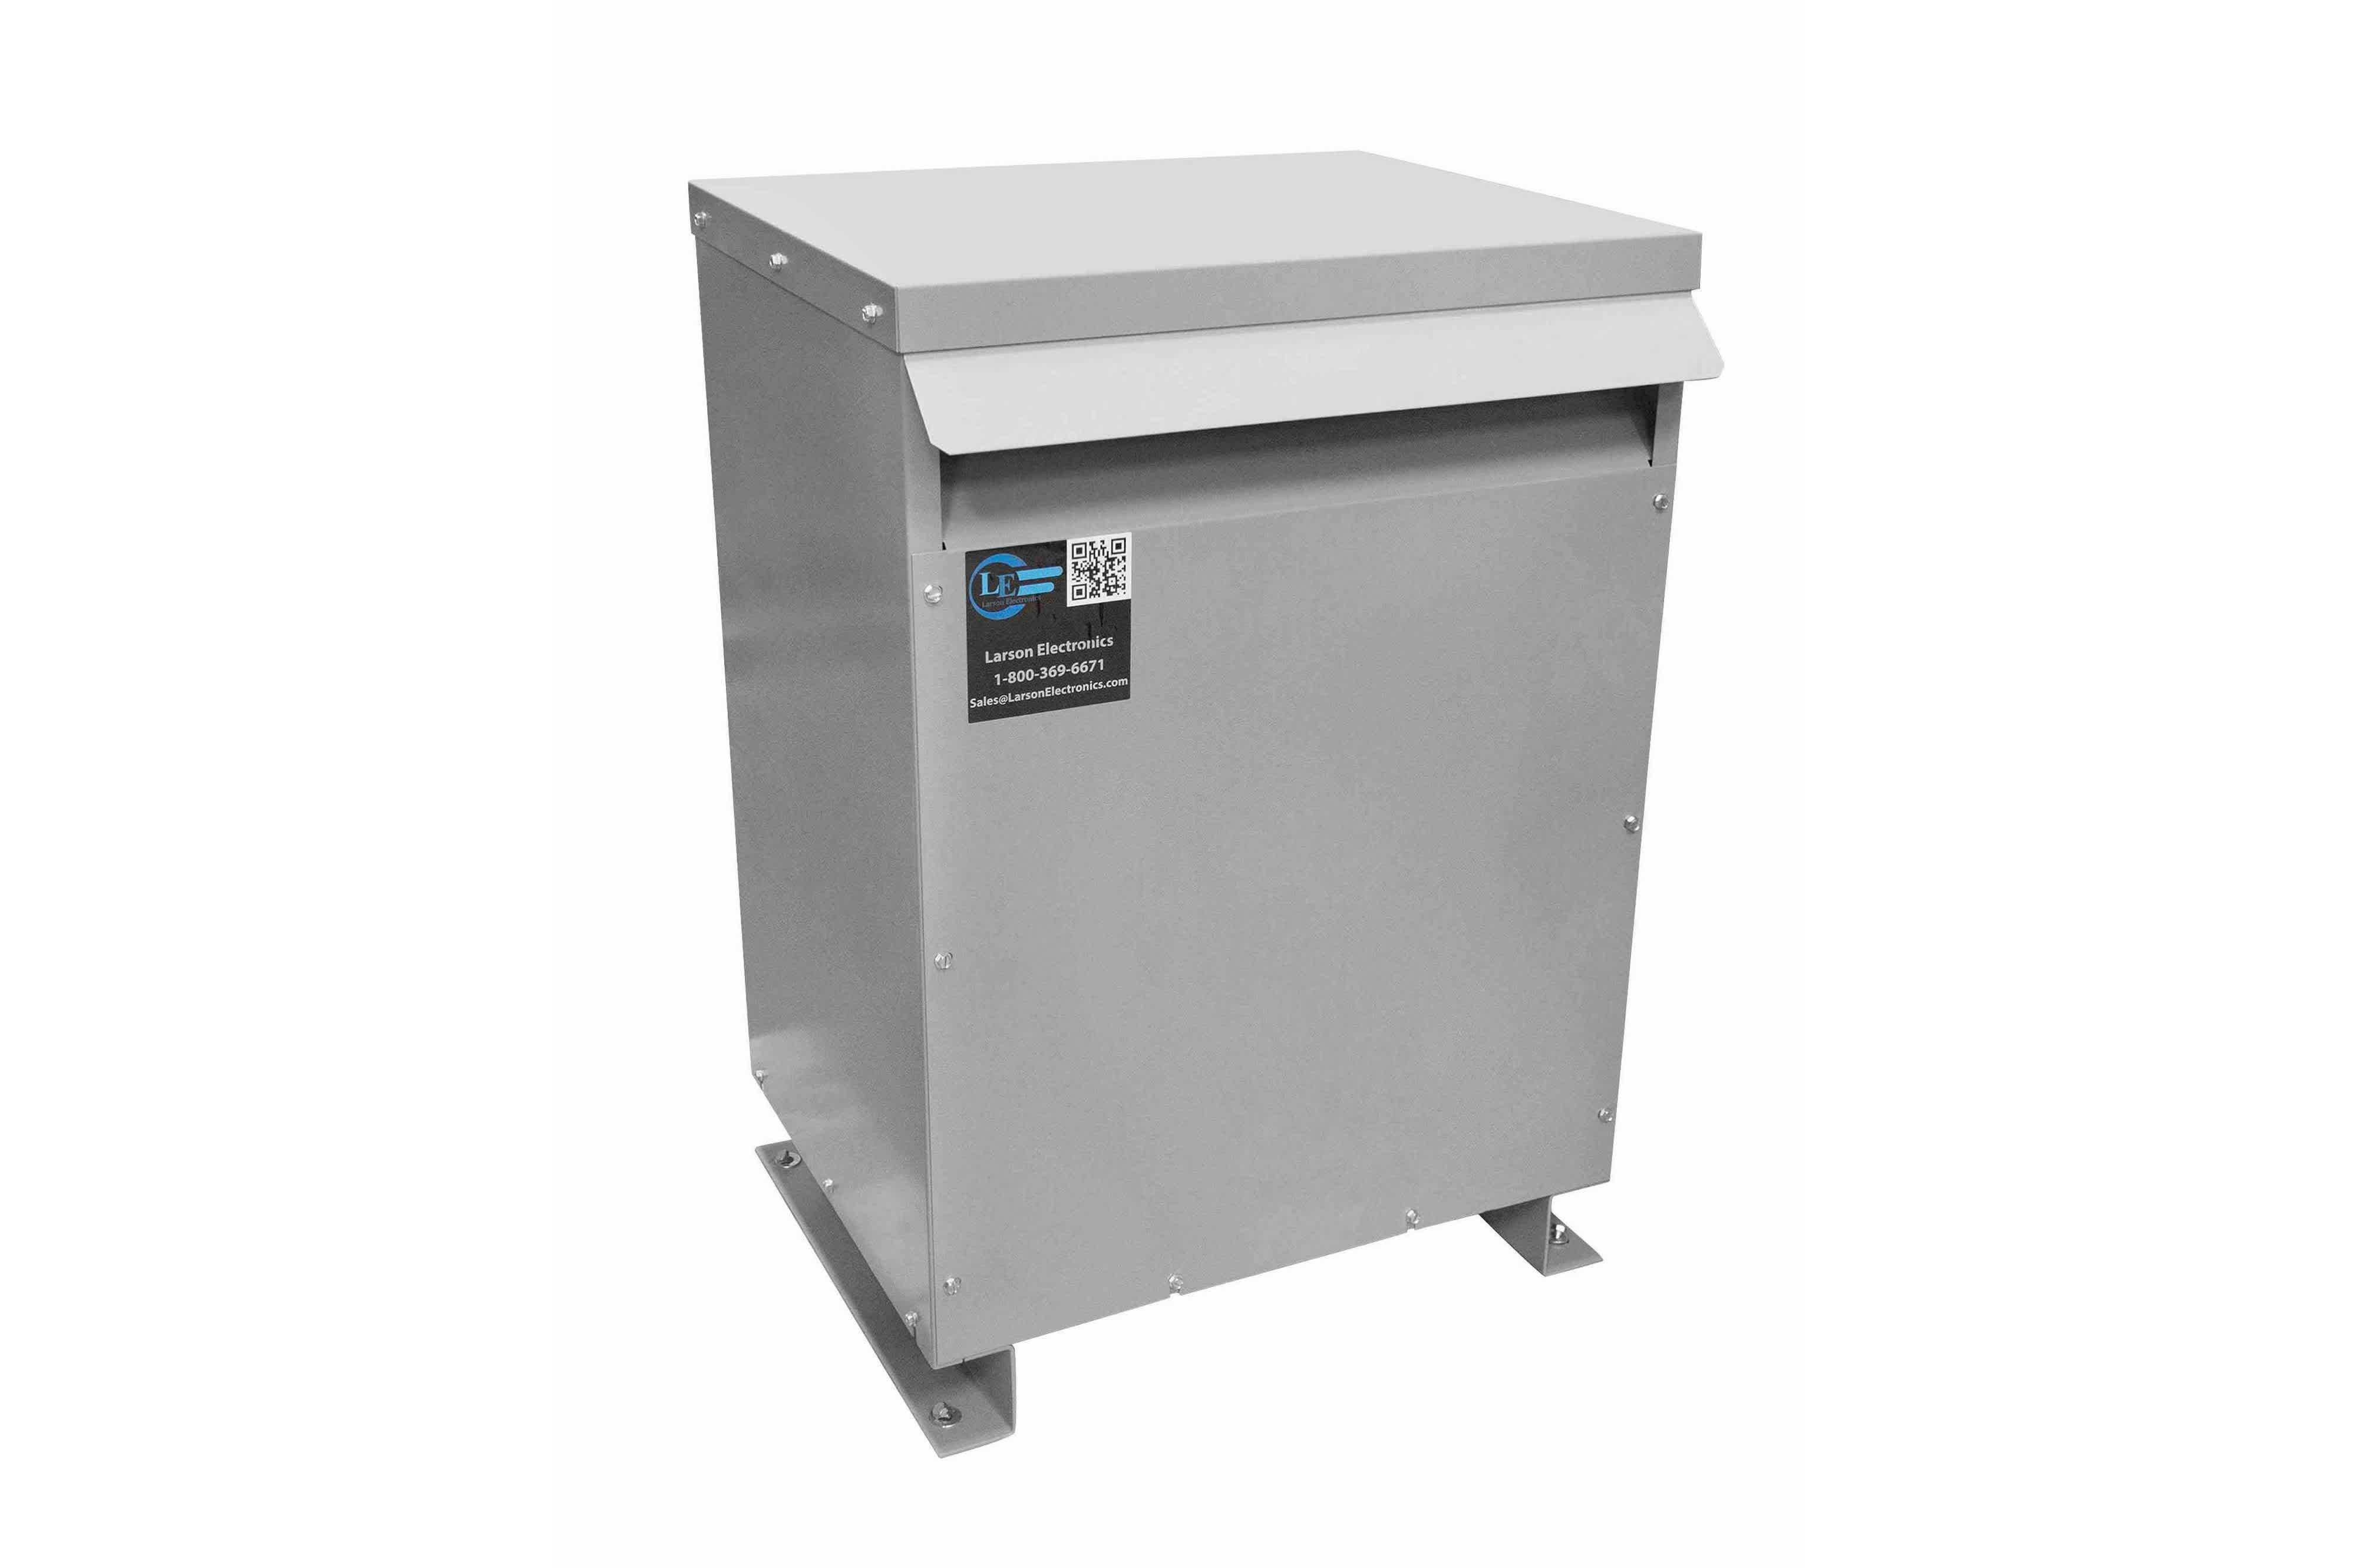 15 kVA 3PH DOE Transformer, 208V Delta Primary, 240V/120 Delta Secondary, N3R, Ventilated, 60 Hz